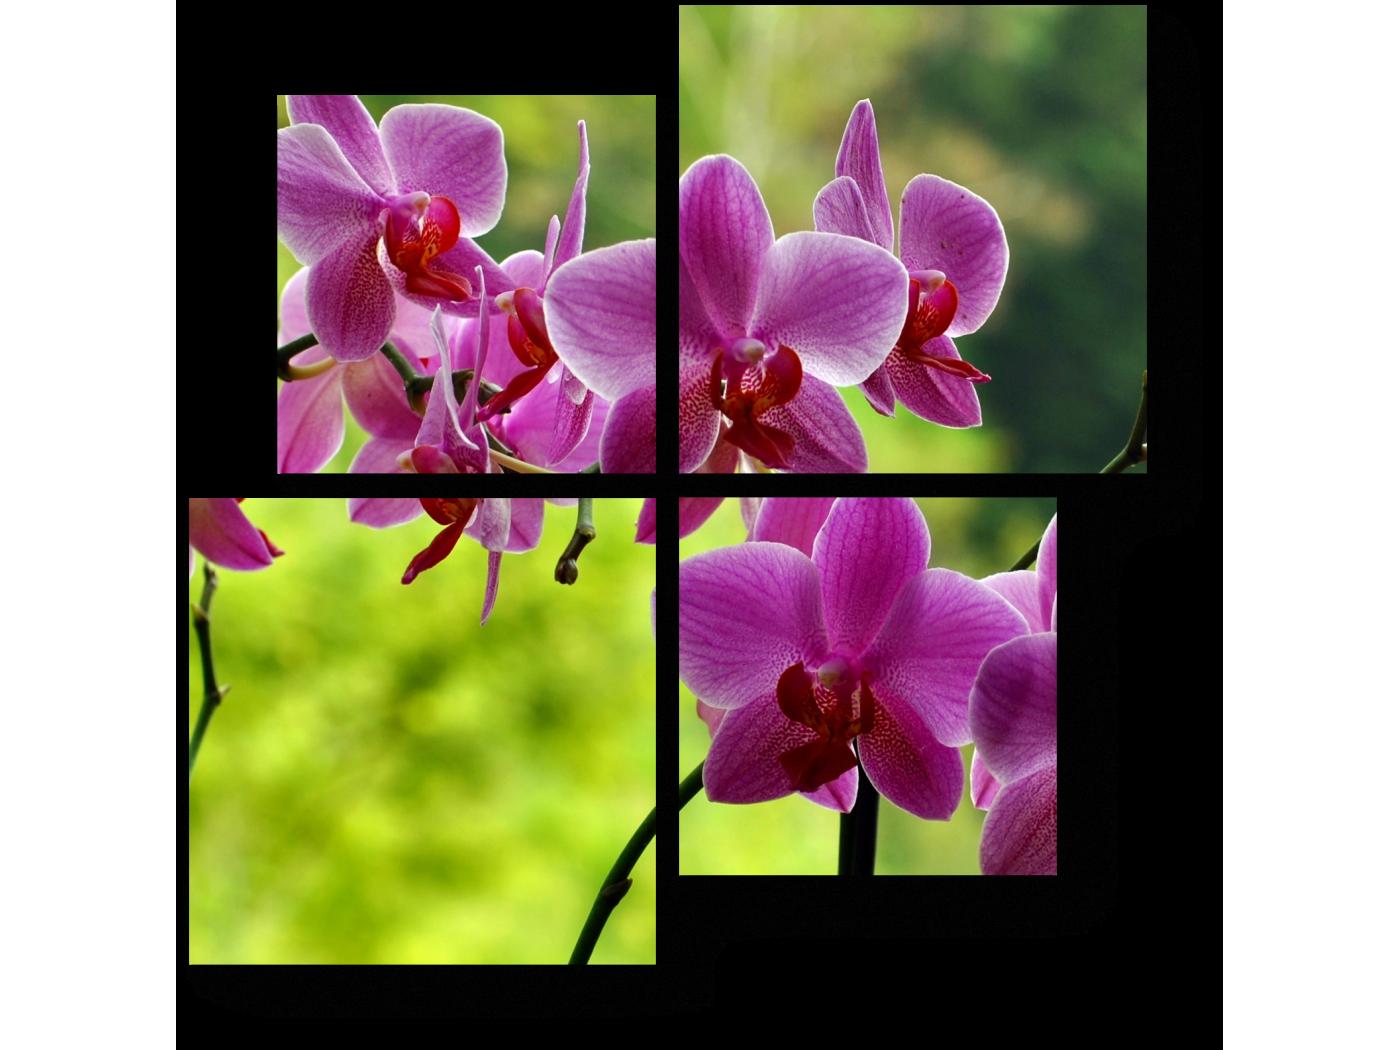 Модульная картина Неподражаемые орхидеи (50x50) фото